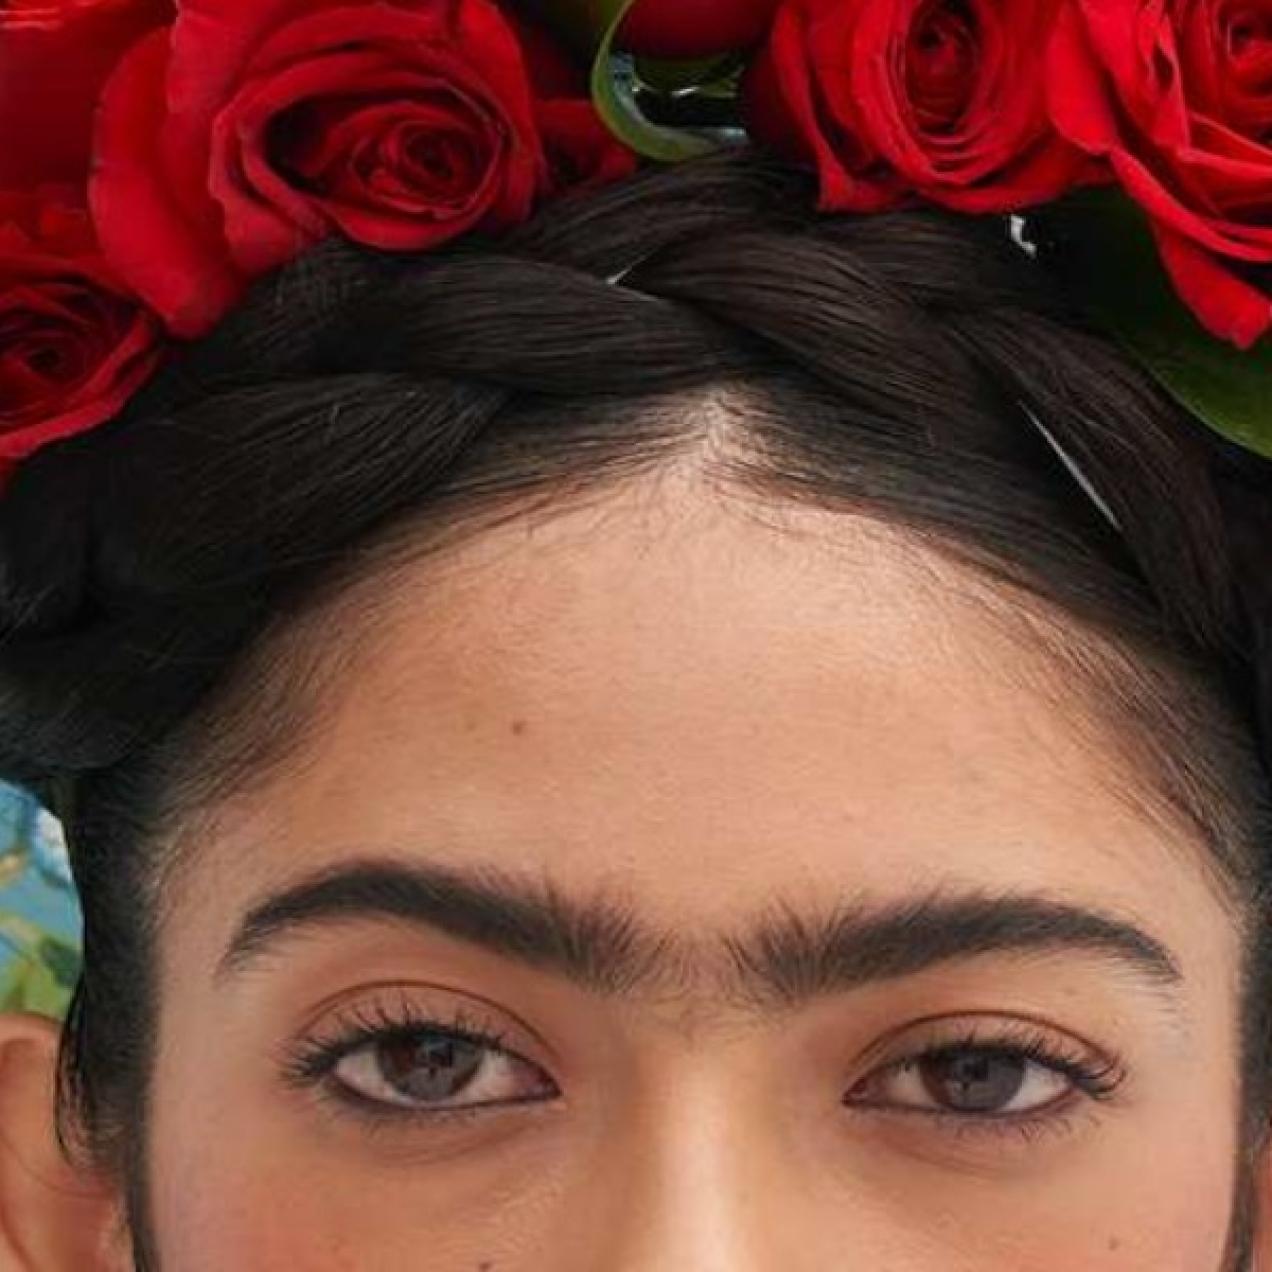 La belleza a través de los ojos de Frida